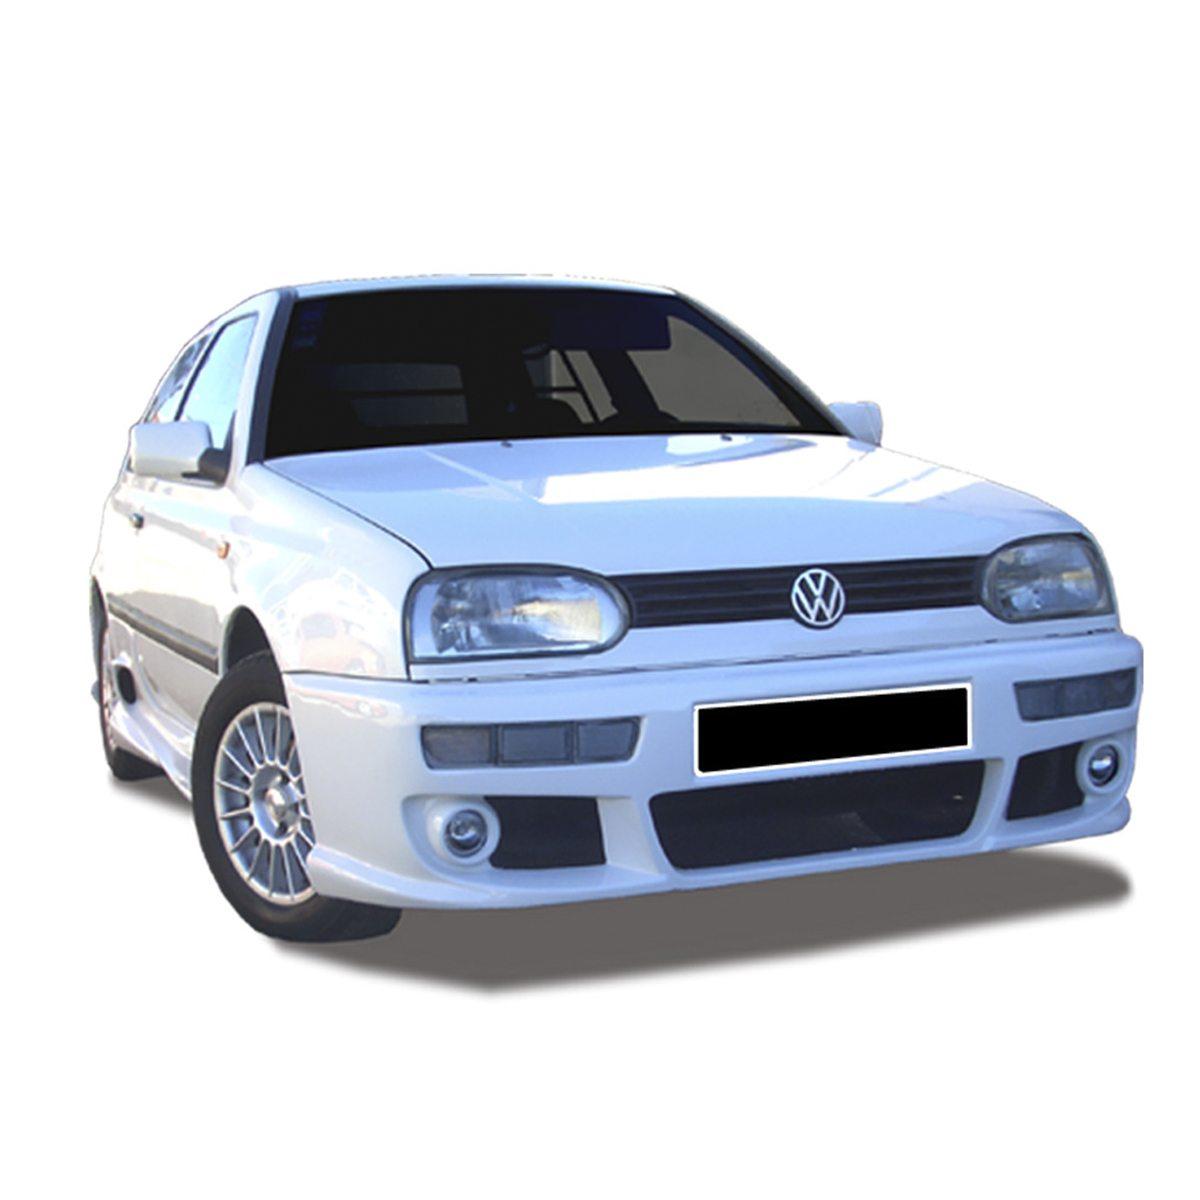 VW-Golf-III-Magneto-Frt-PCU1113